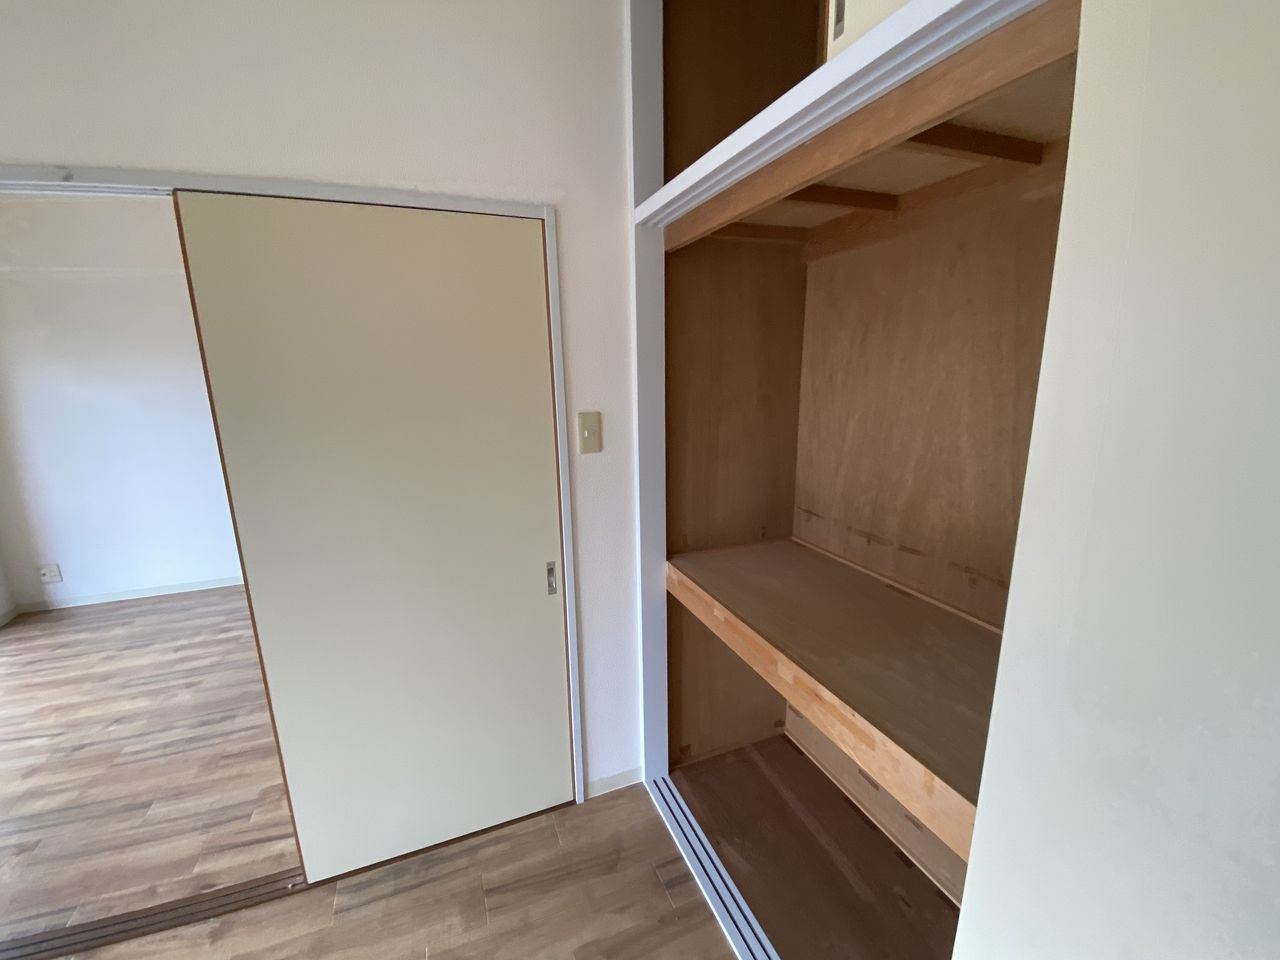 EV付たまプラーザ駅2分のマンションの第5正美ビルの室内写真